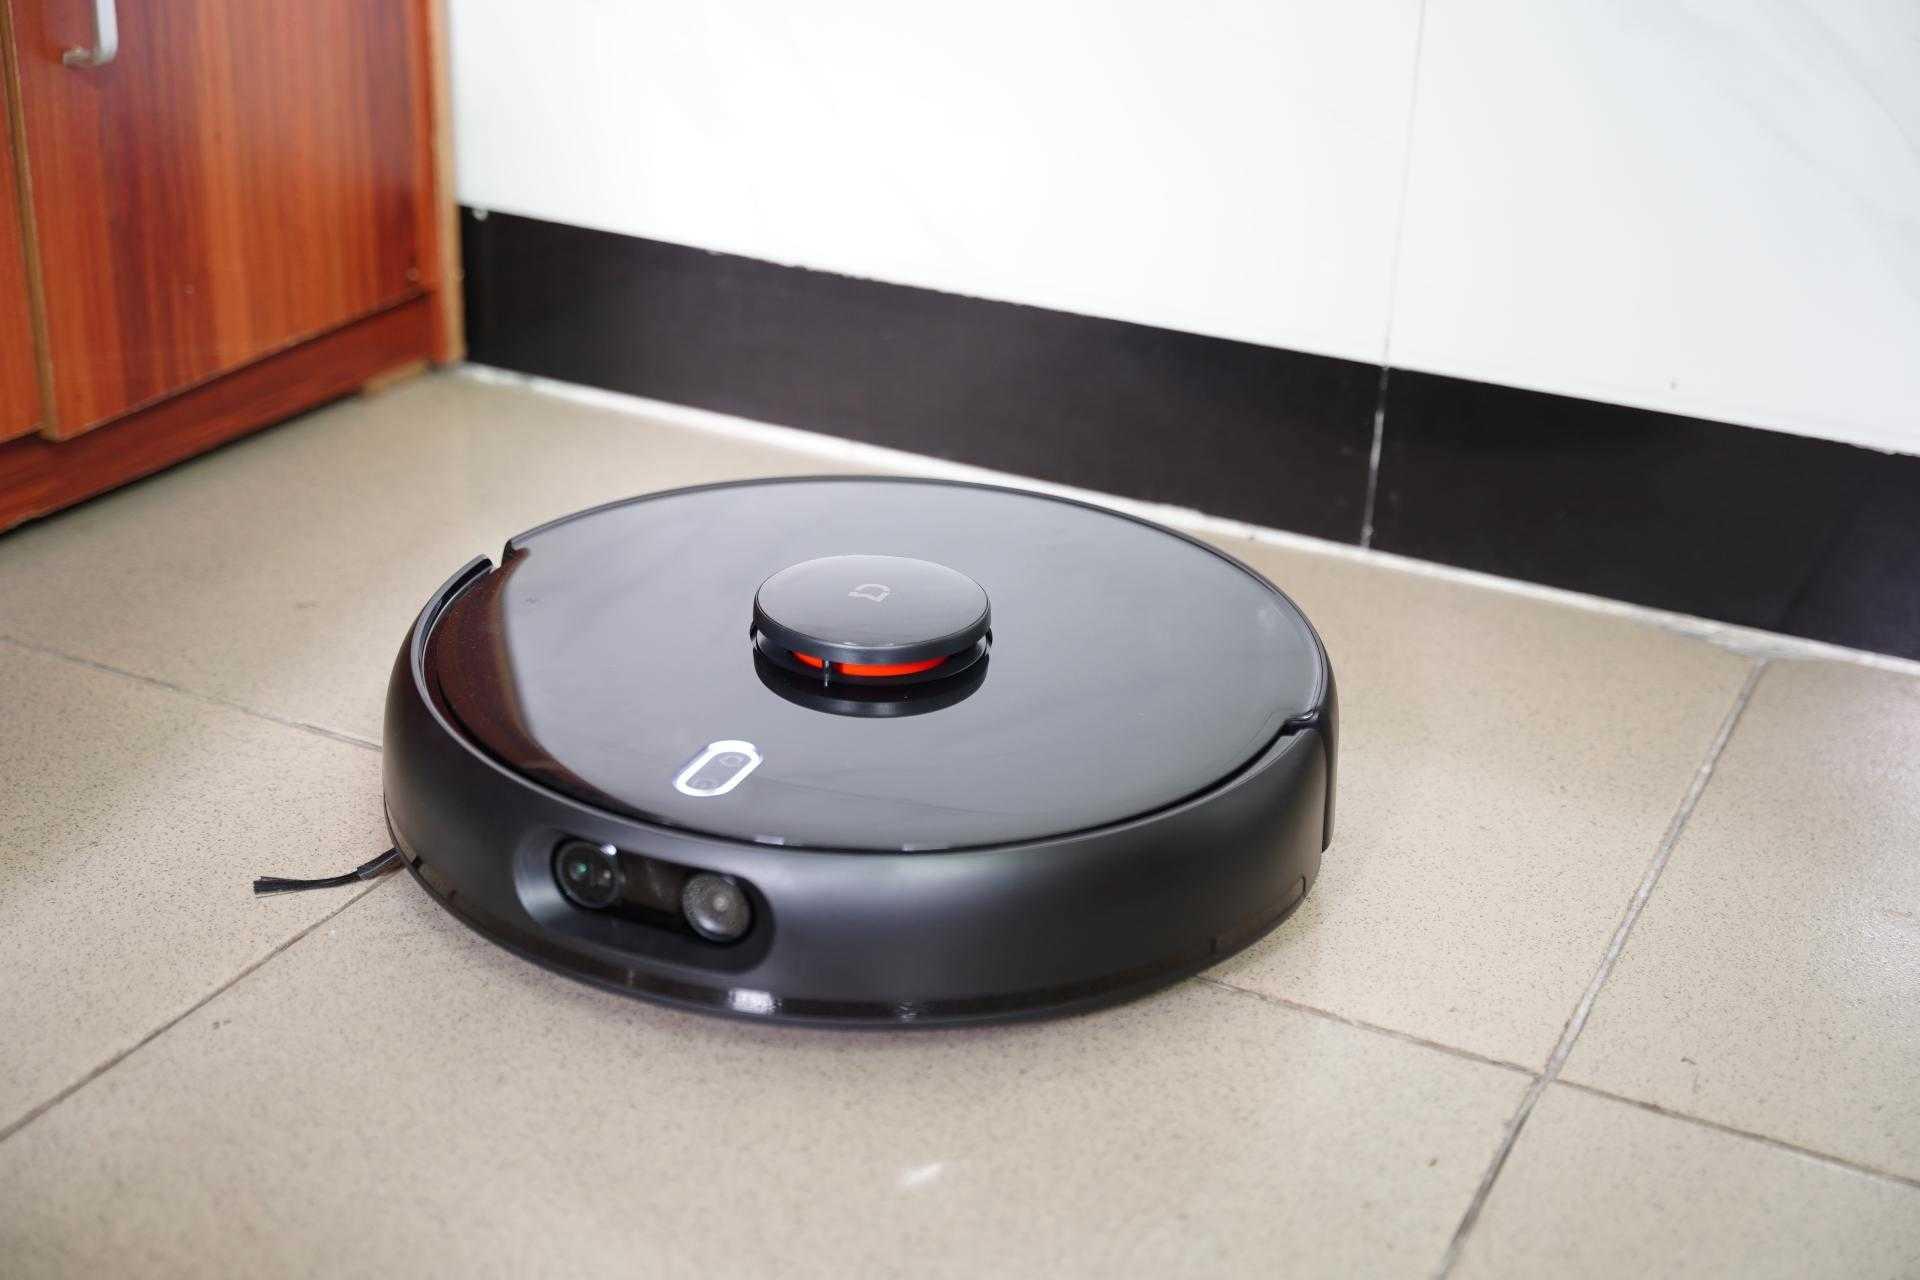 米家扫拖一体机器人2Pro怎么样值得入吗?